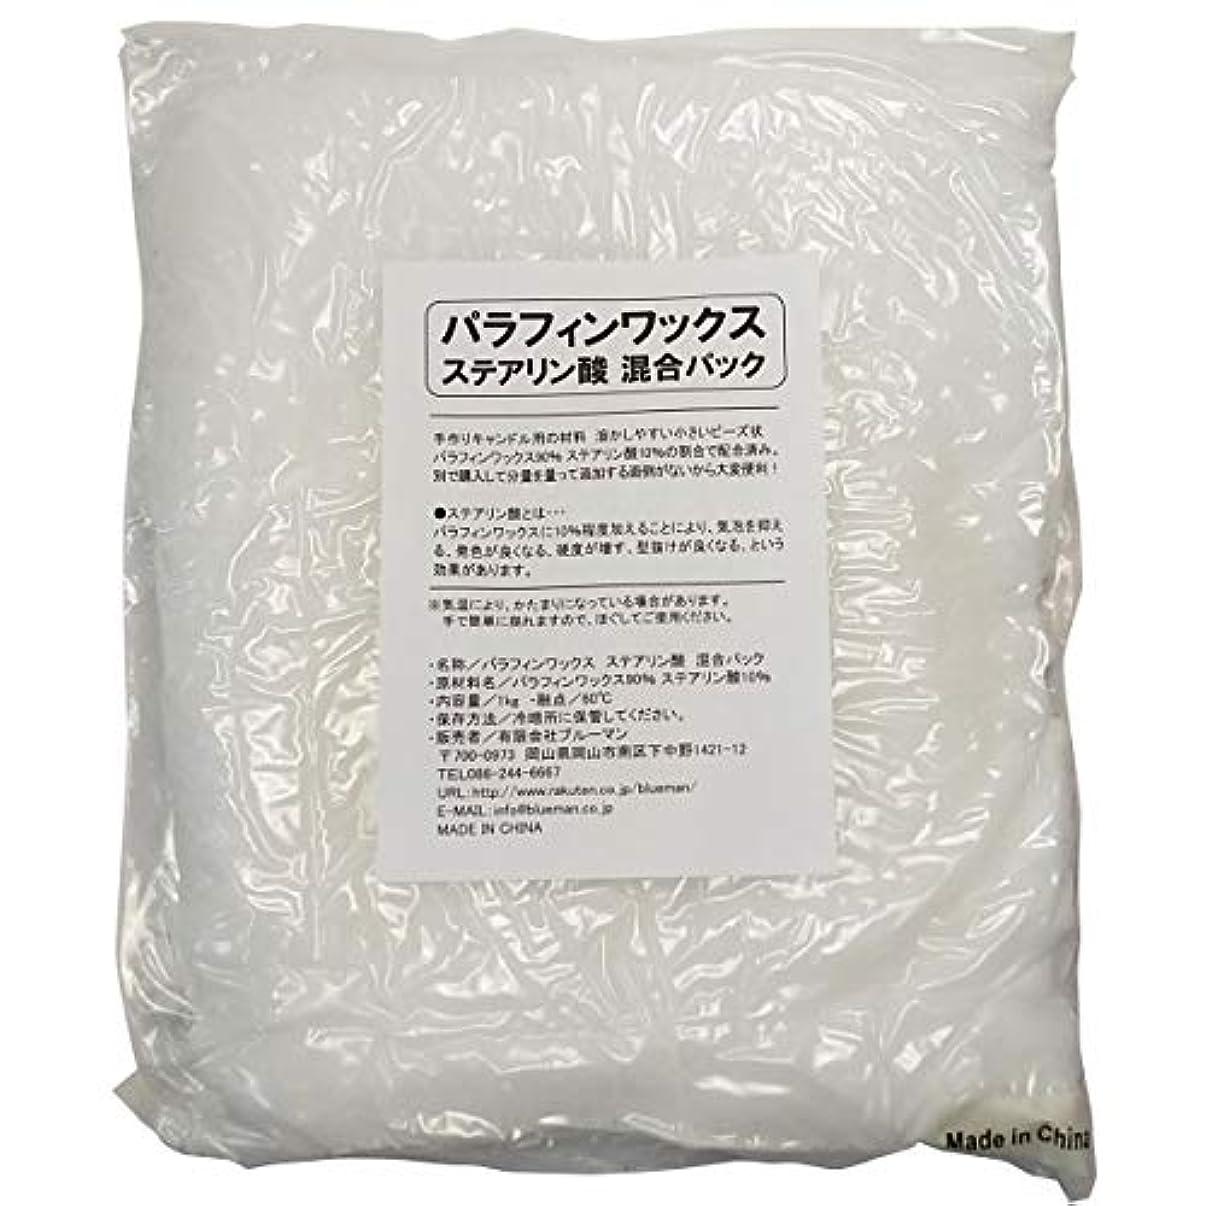 宿命葬儀イースターパラフィンワックス ステアリン酸 混合パック 1kg 手作りキャンドル 材料 1キロ アロマワックスサシェ